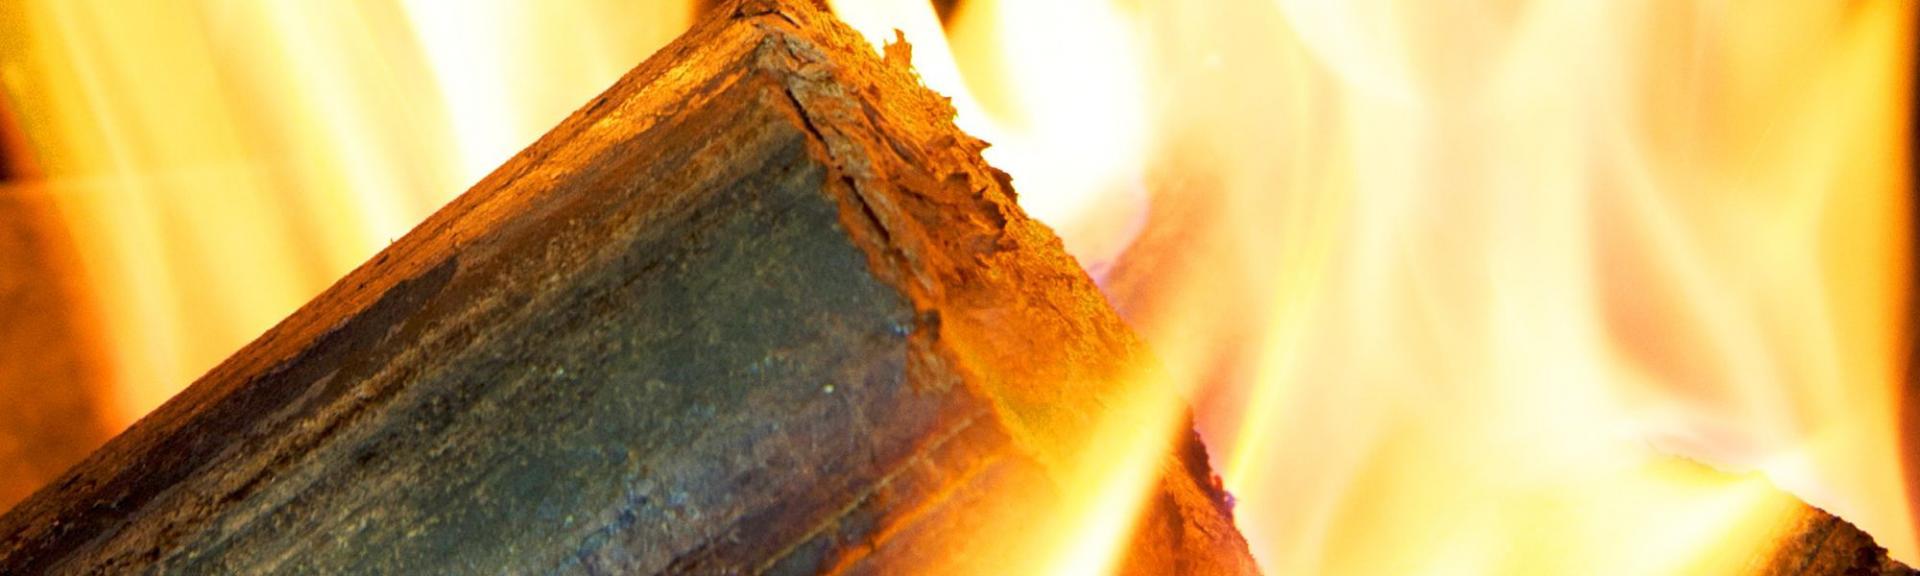 Buche bois densifie enflammee